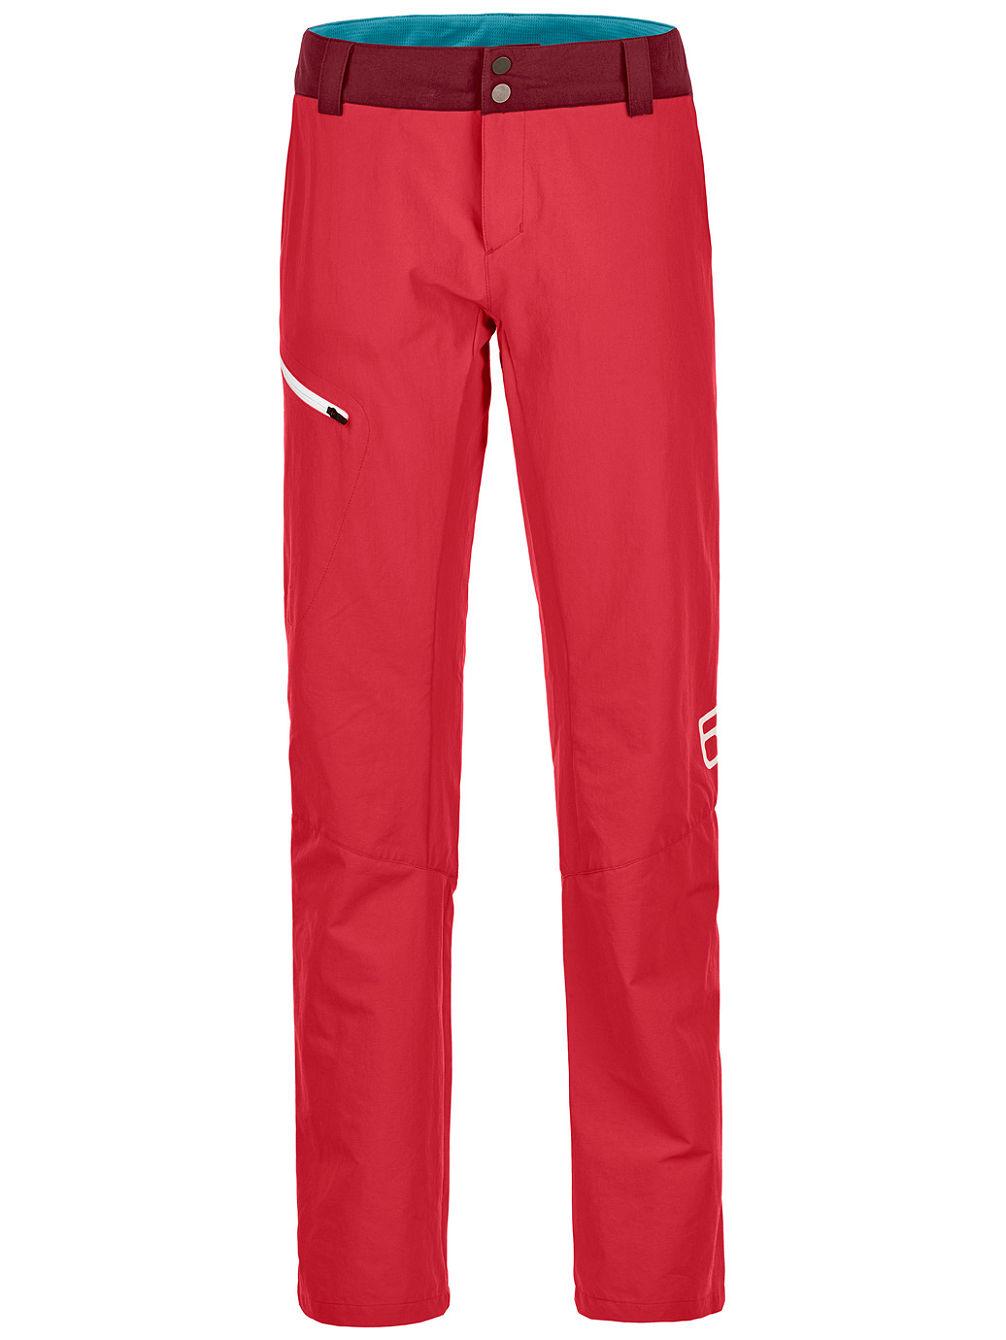 ortovox-pelmo-outdoor-pants